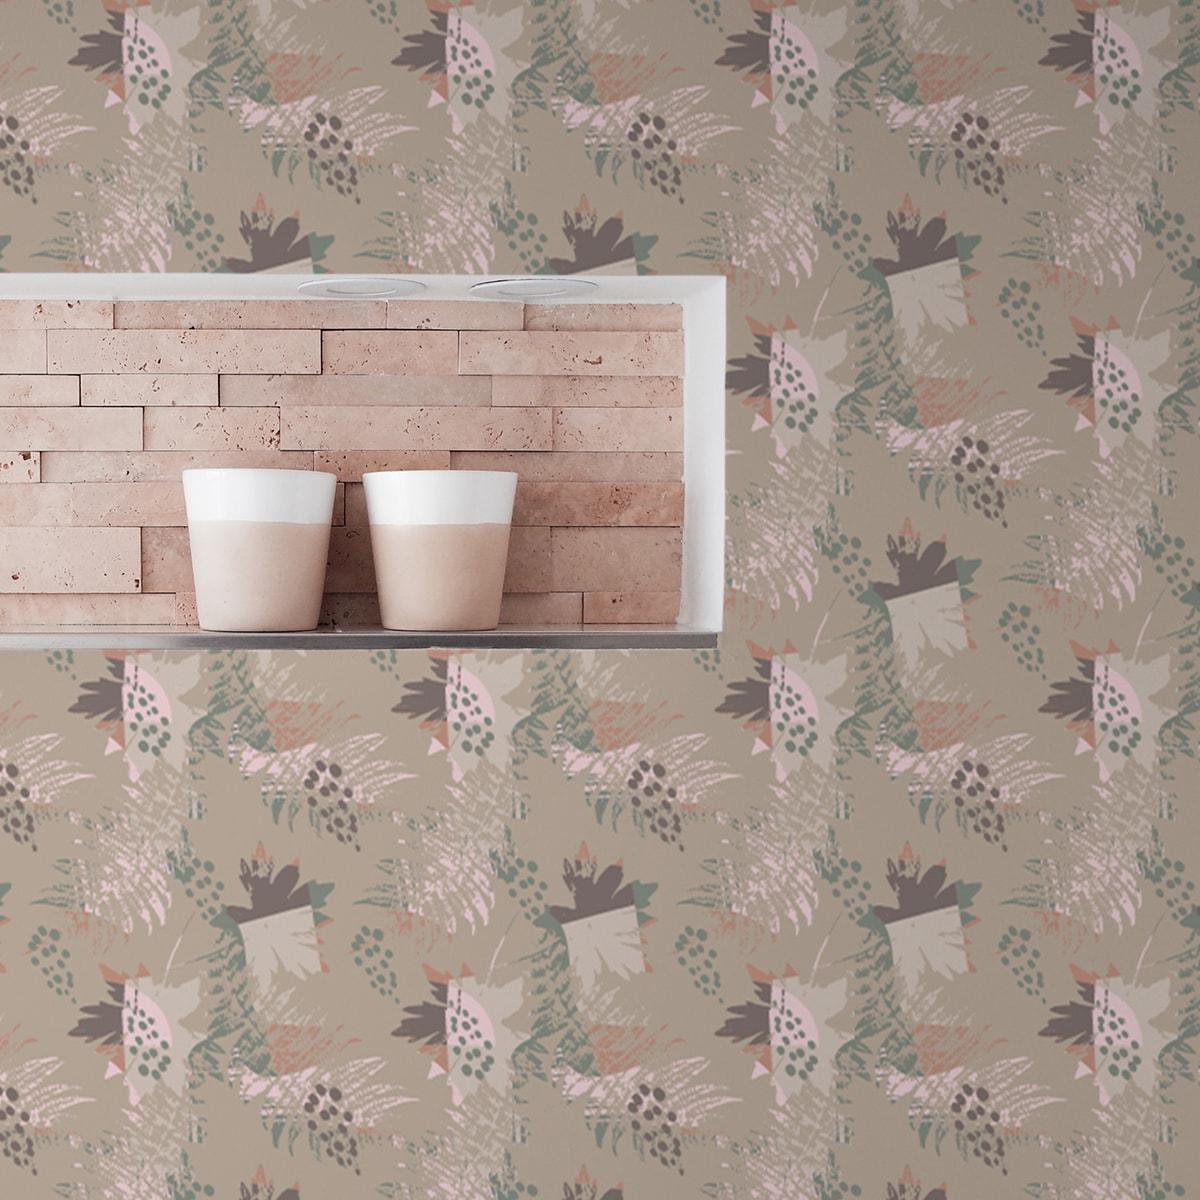 Wandtapete creme: Retro Wildflowers Blumentapete in beige, florale Tapete für Ihr Zuhause